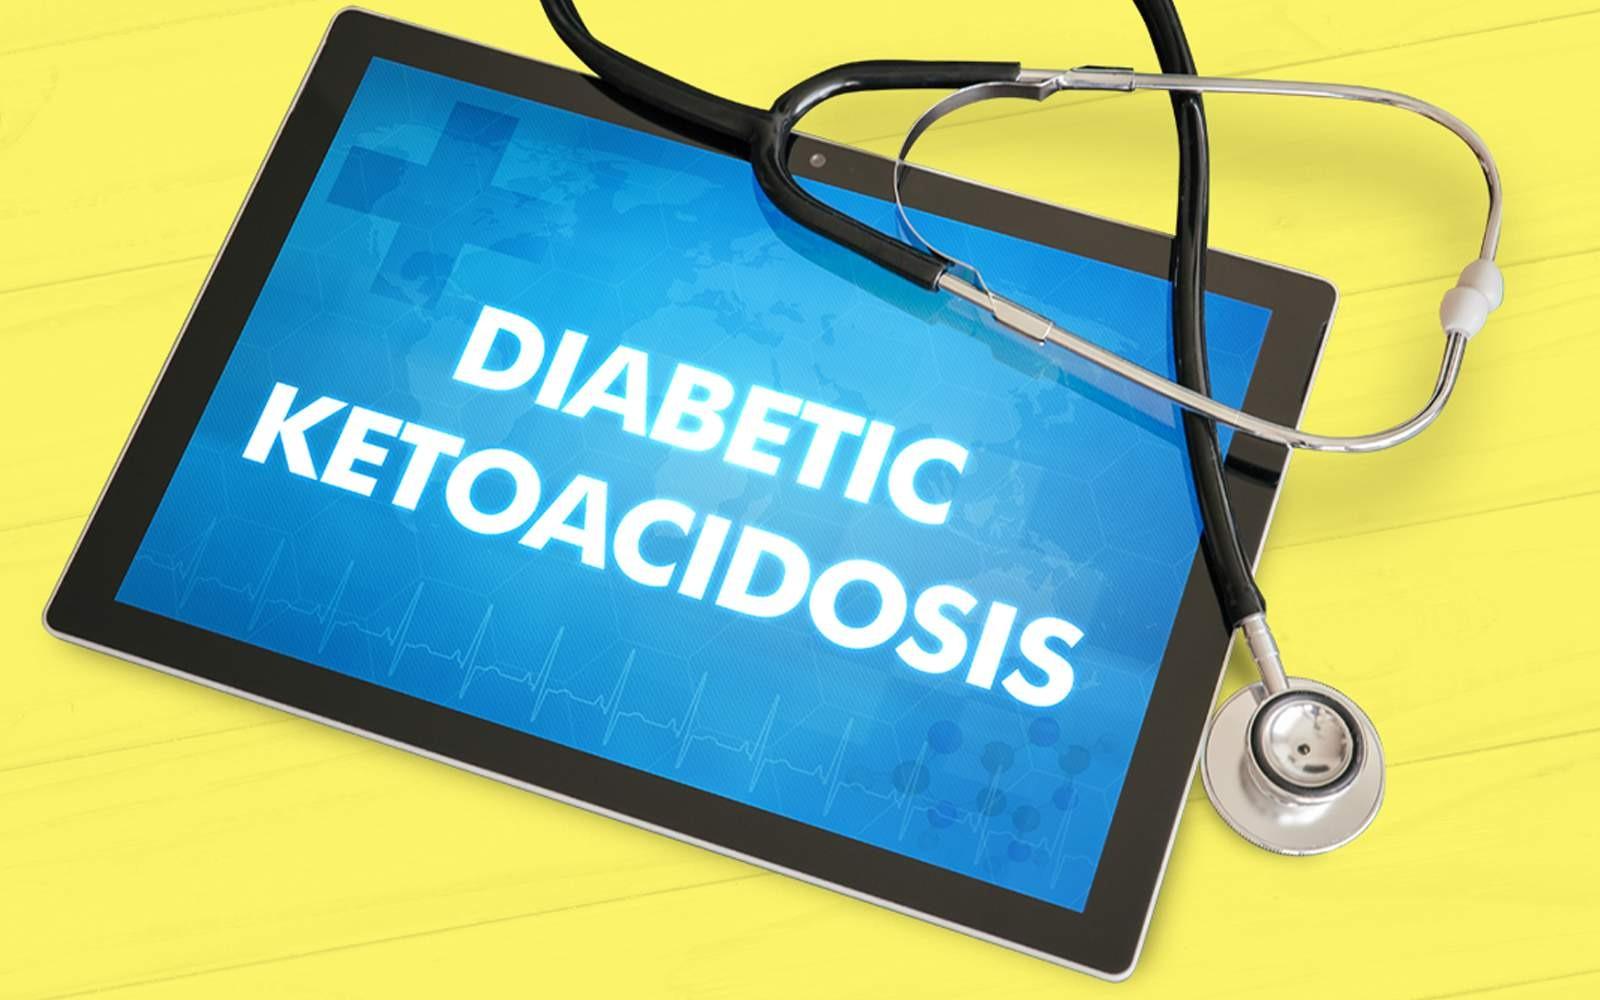 Bisa Berbahaya, Diabetesi Sebaiknya Tak Puasa dalam Kondisi Ini